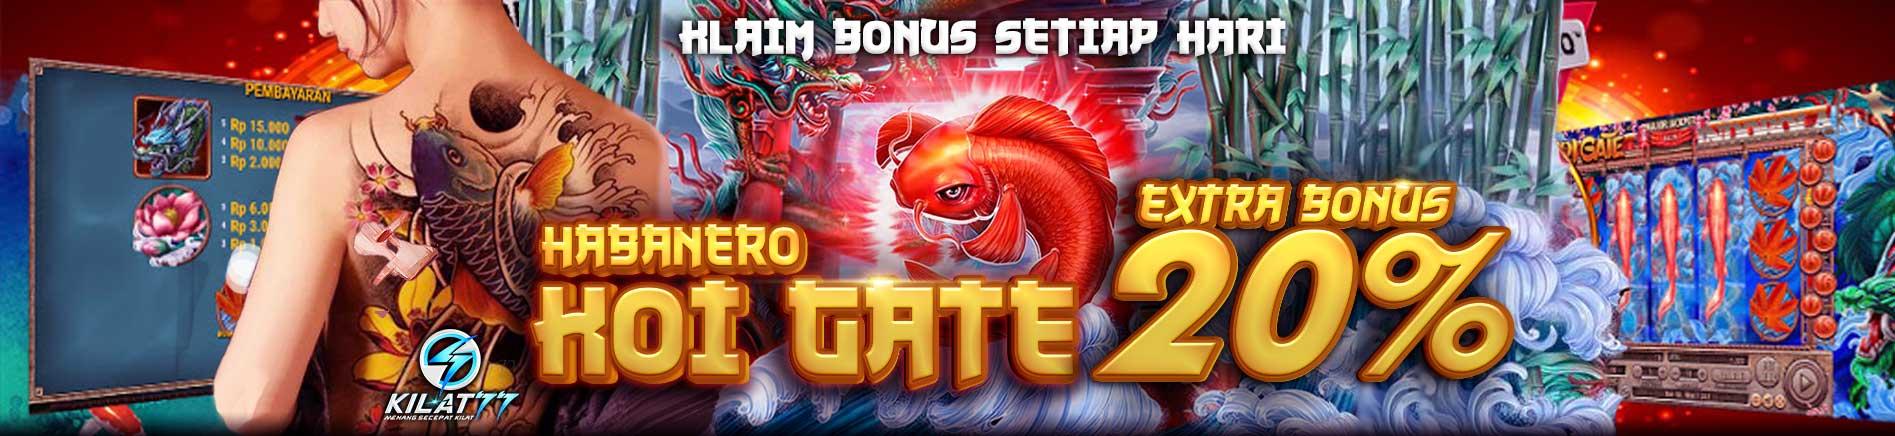 Extra Bonus 20% Koi Gate